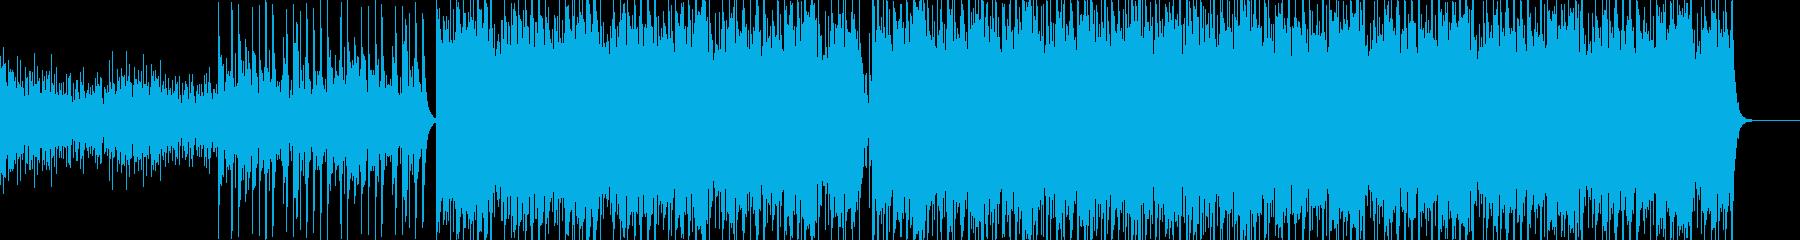 近未来感ヒップホップの再生済みの波形